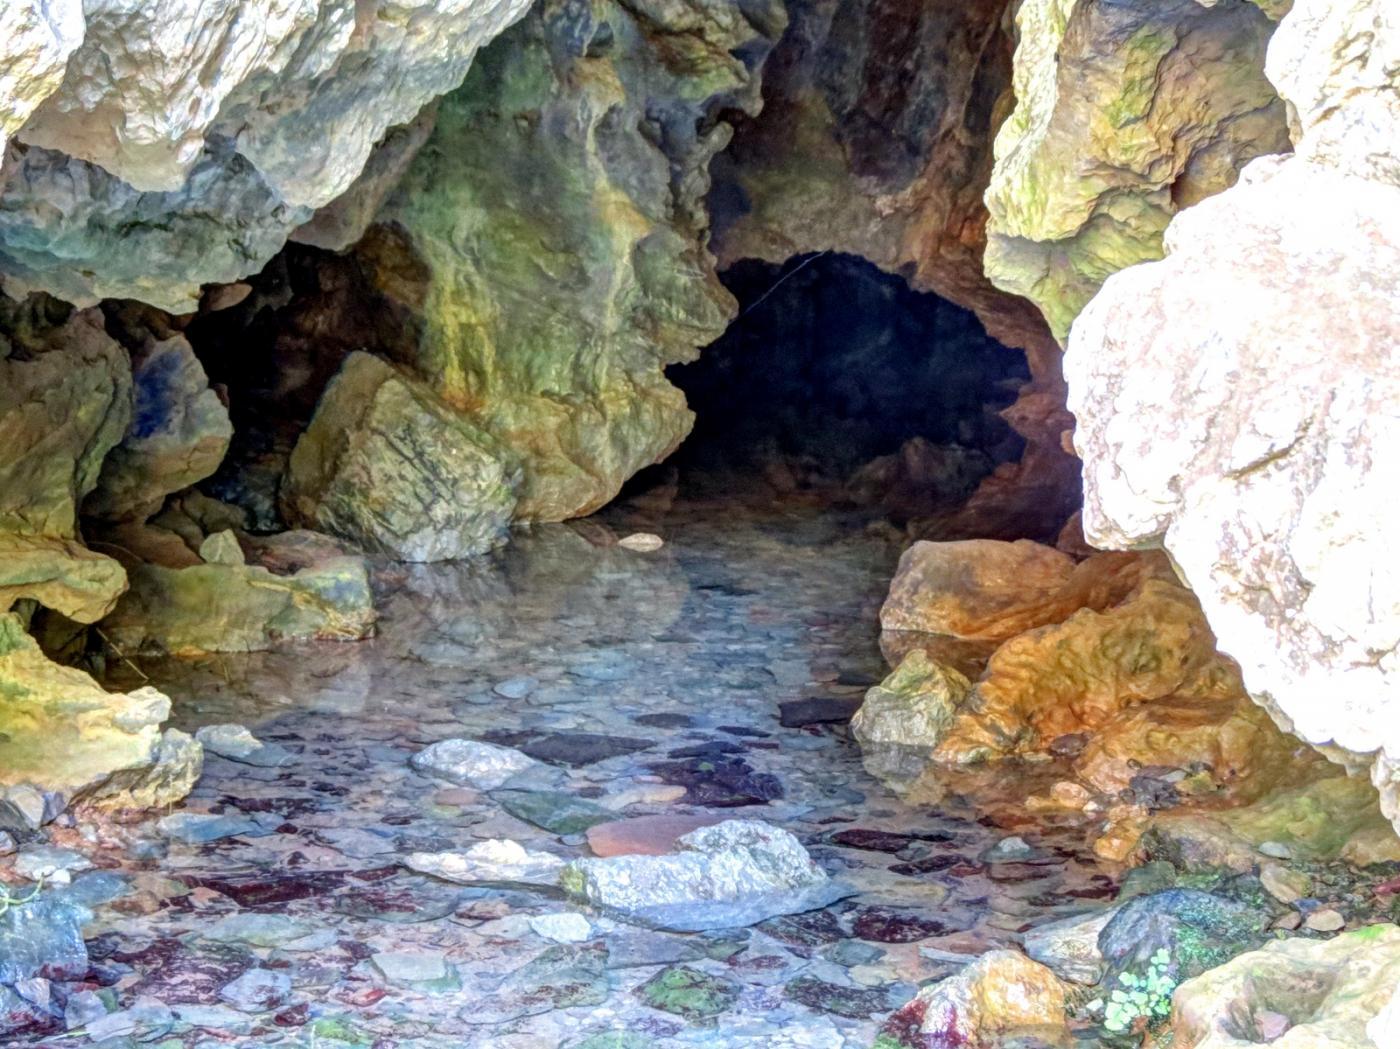 Cueva alcudai de veo